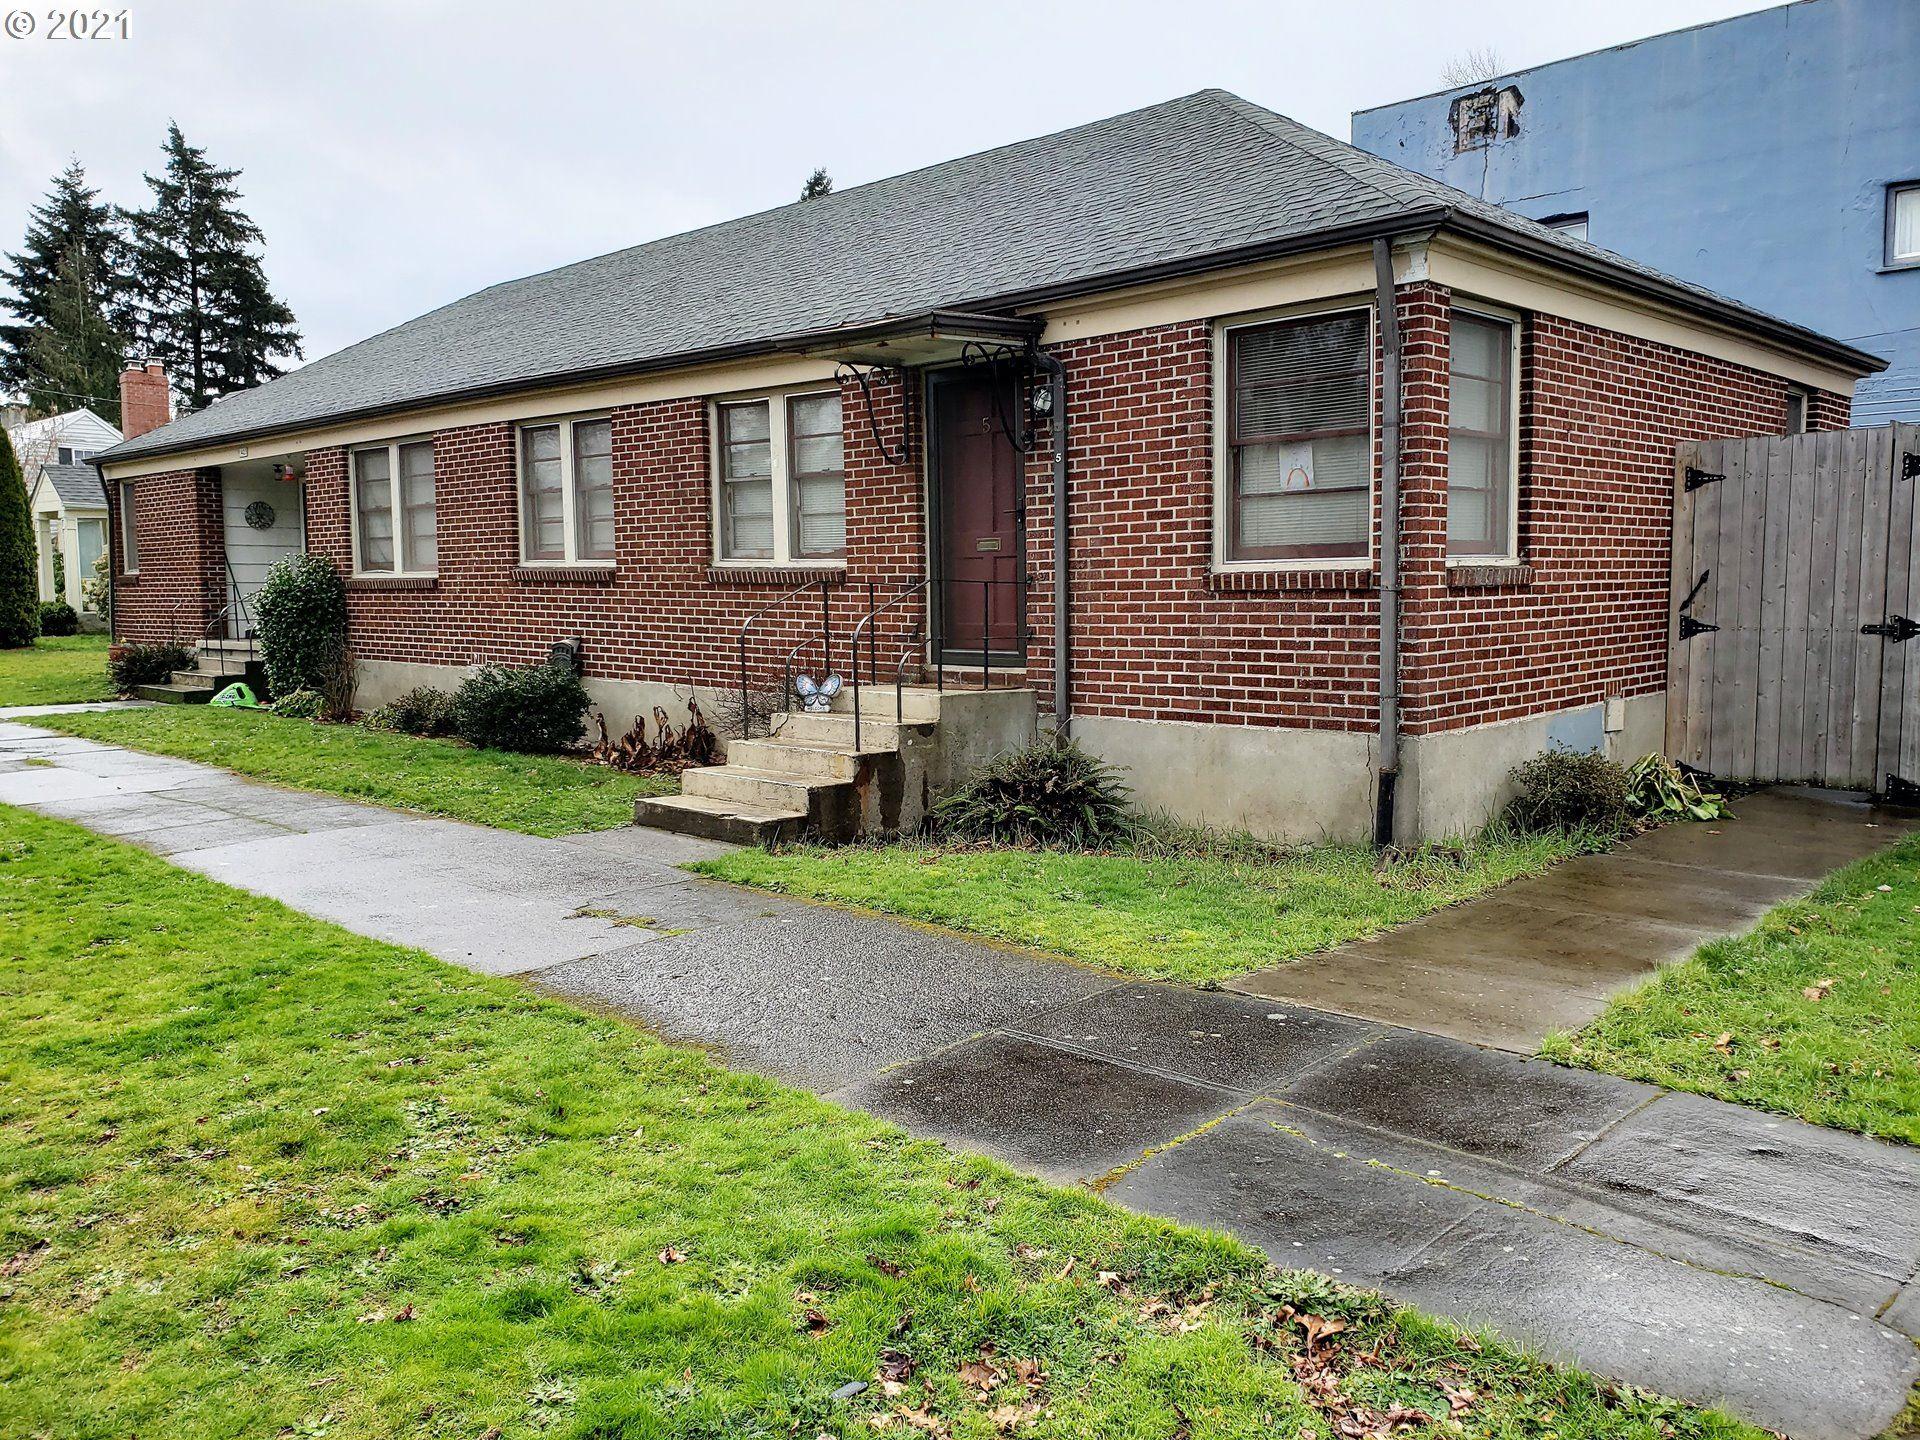 7423 N VINCENT AVE, Portland, OR 97217 - MLS#: 21554846